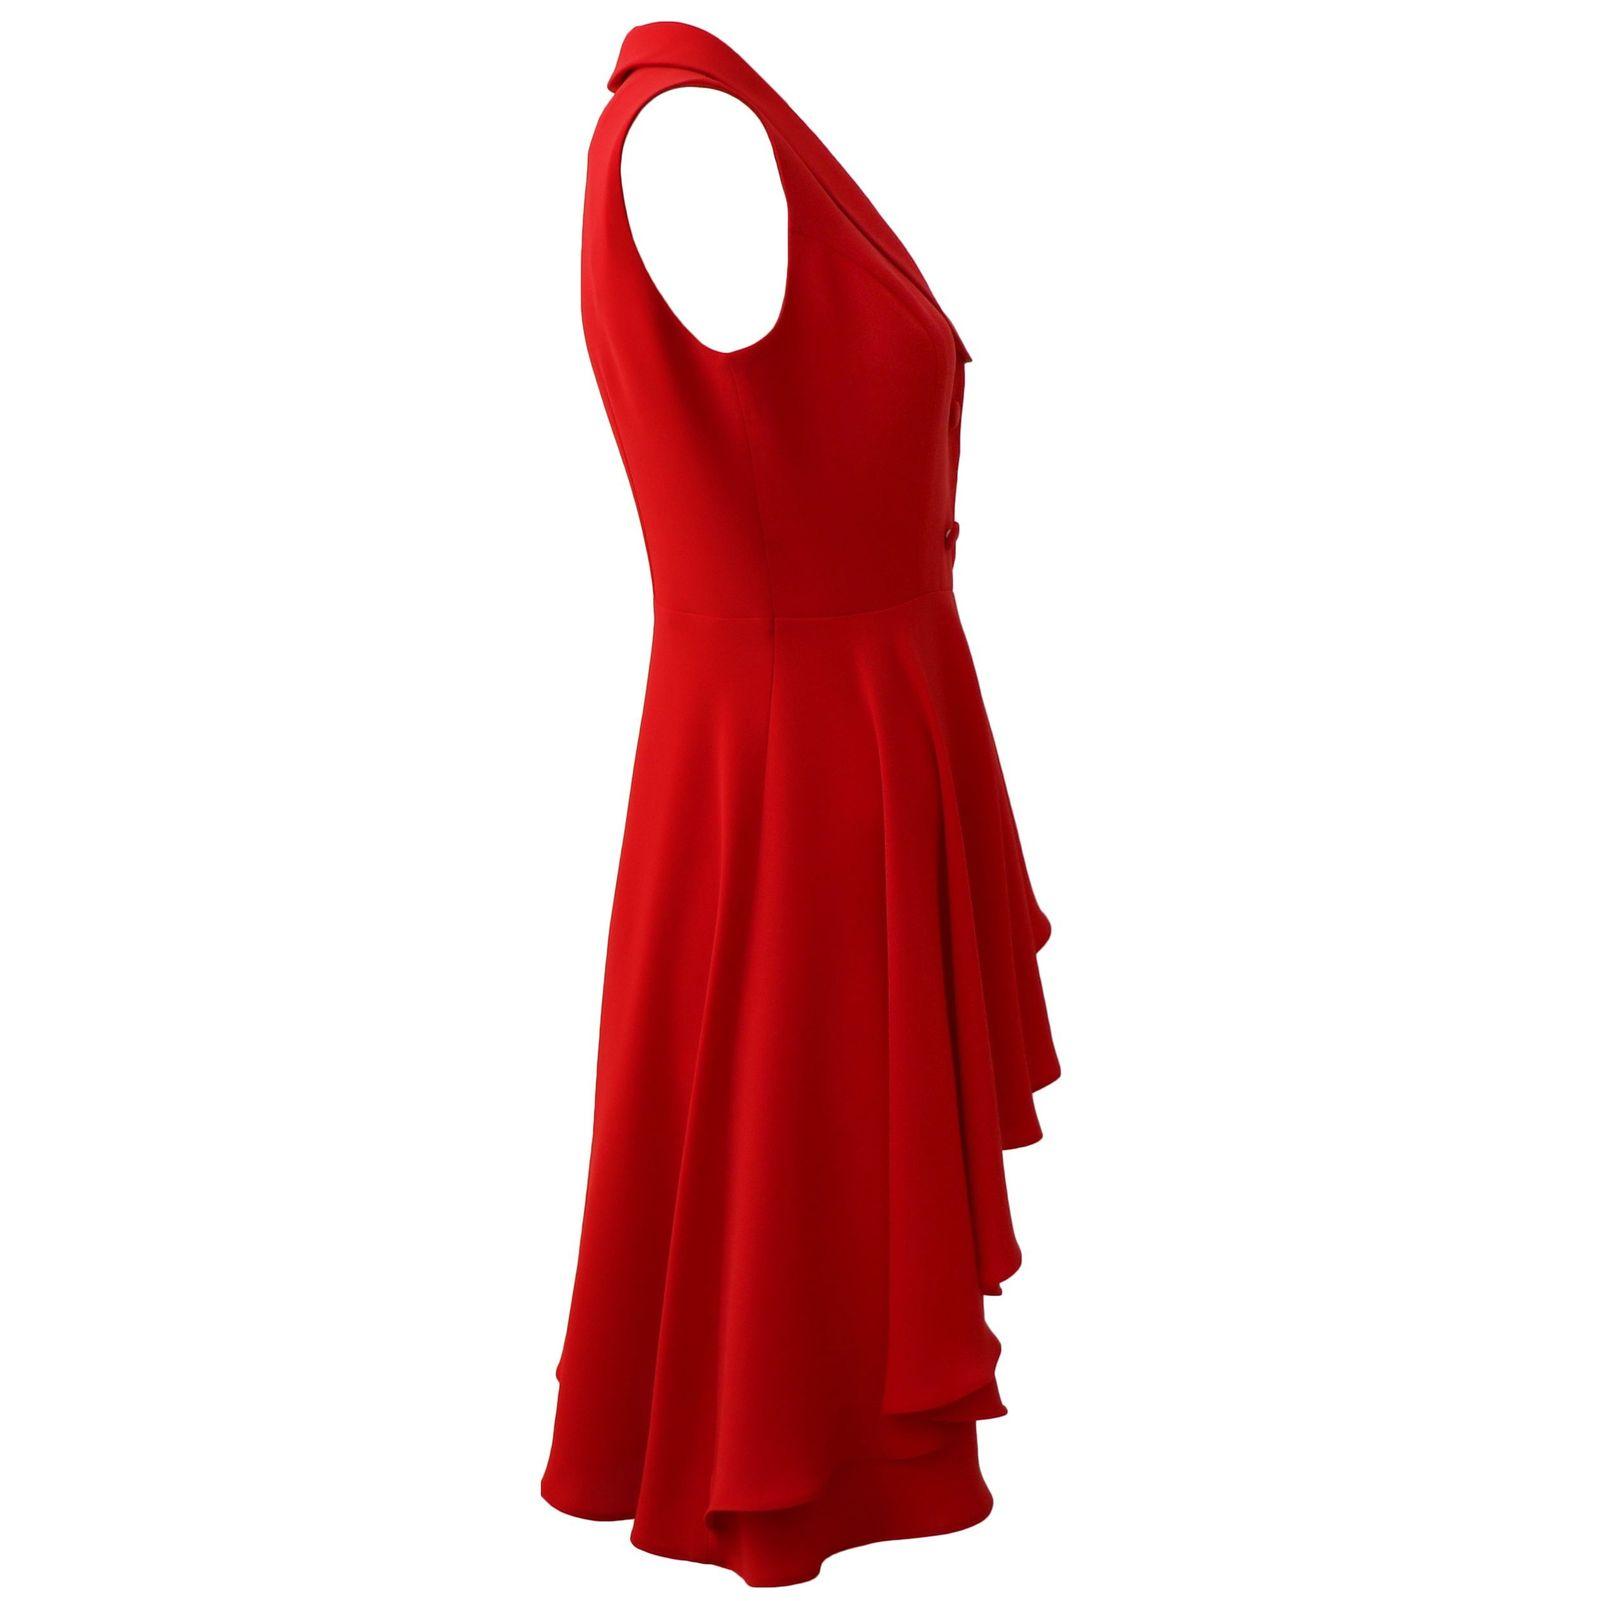 پیراهن زنانه درس ایگو کد 1010018 رنگ قرمز -  - 4